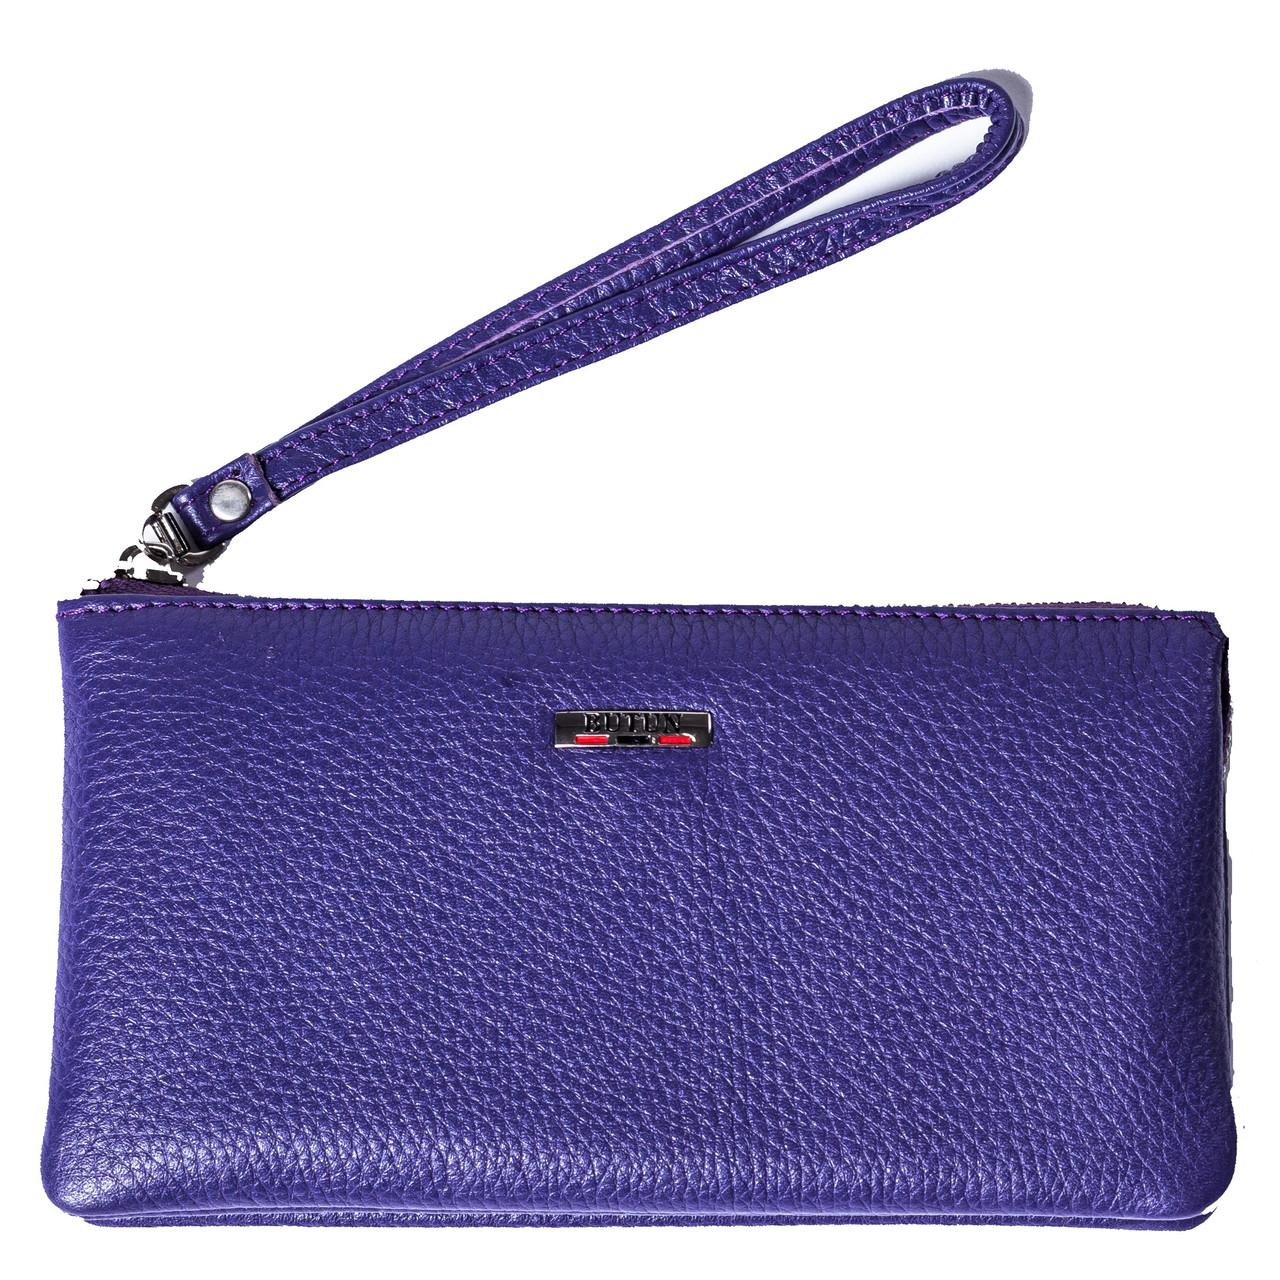 Женский кошелек Butun 662-004-010 кожаный фиолетовый